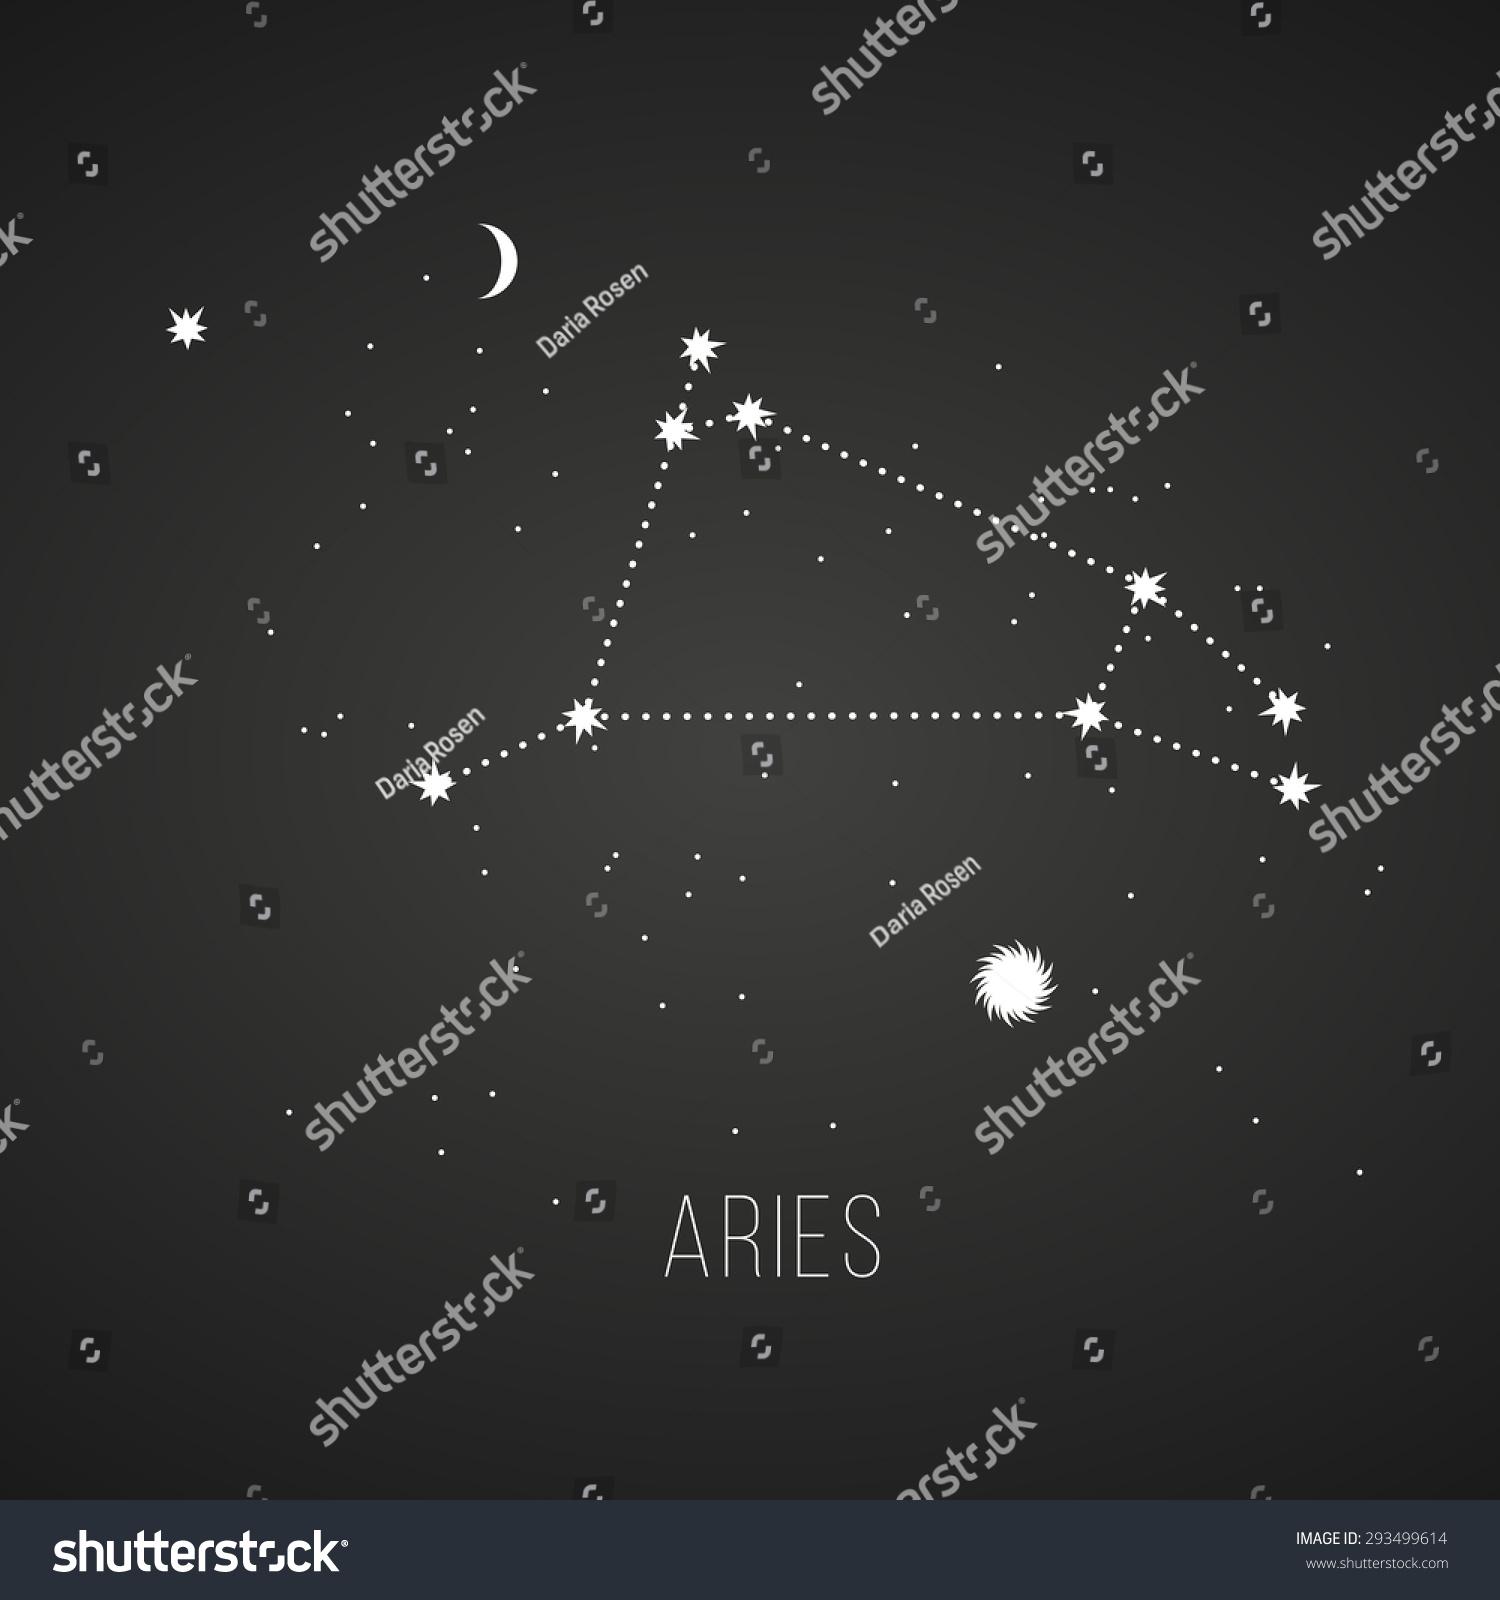 aries constellation within nebula - photo #25